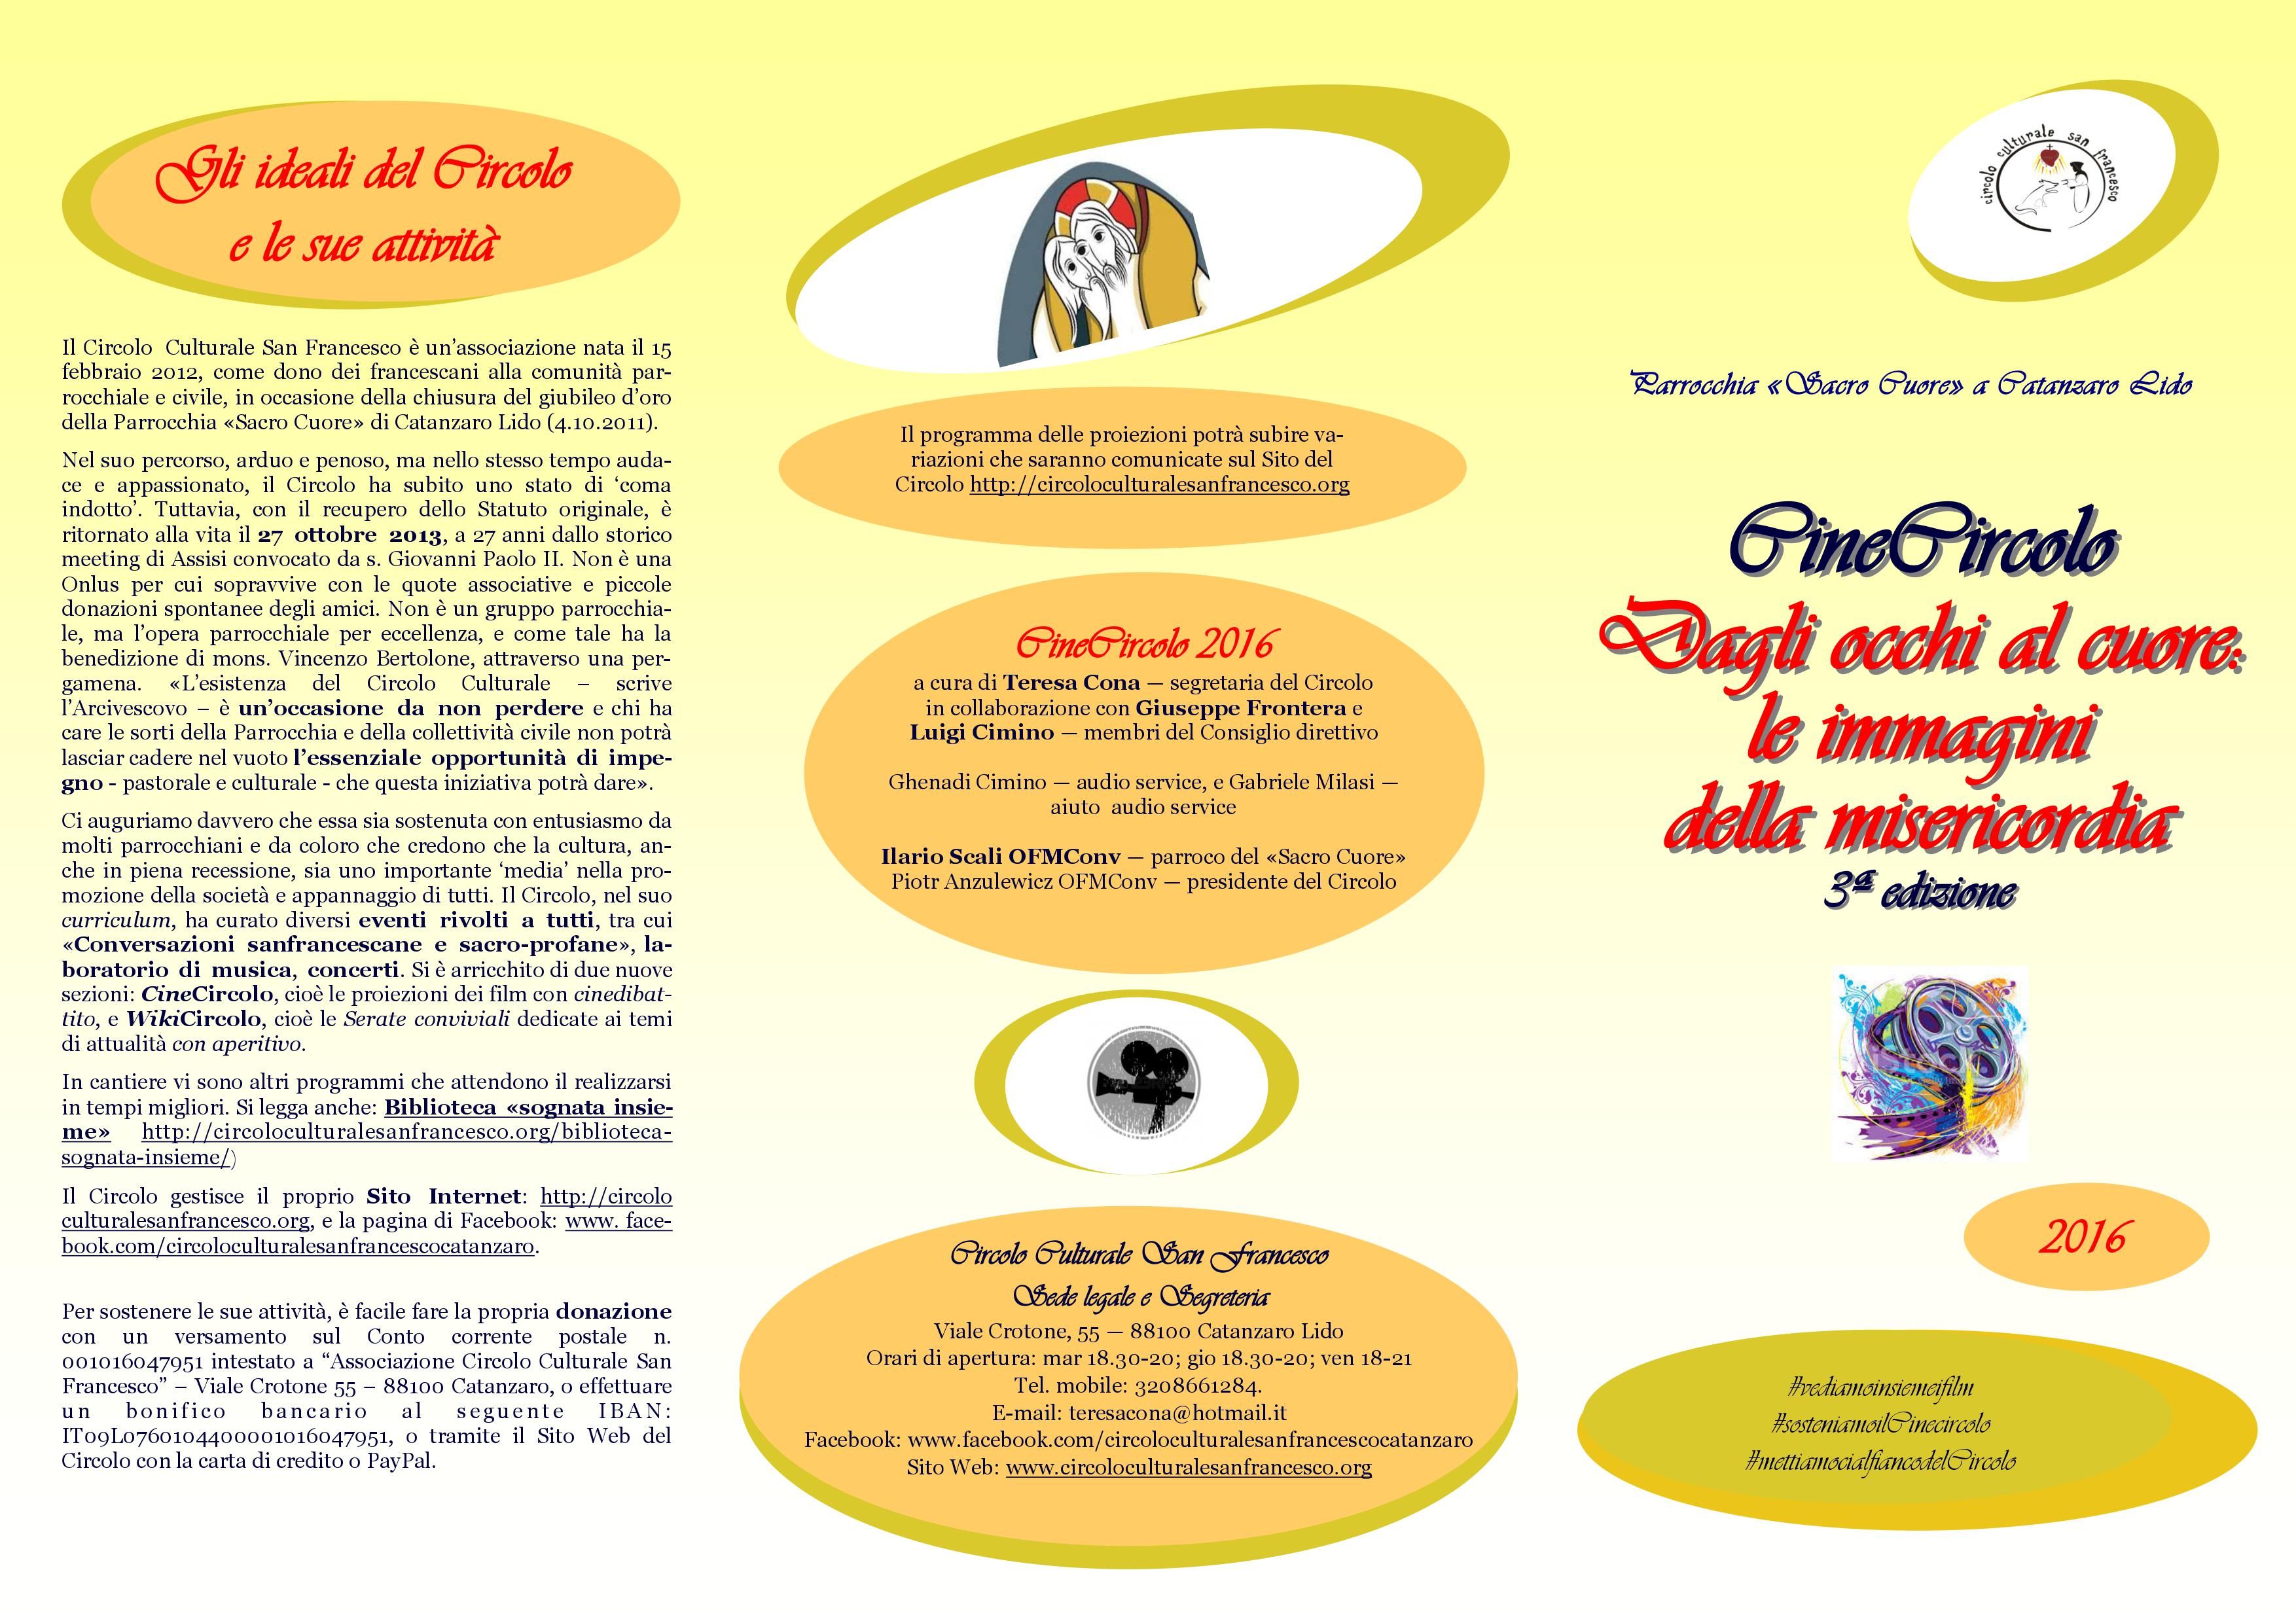 cinecircolo iii p 1